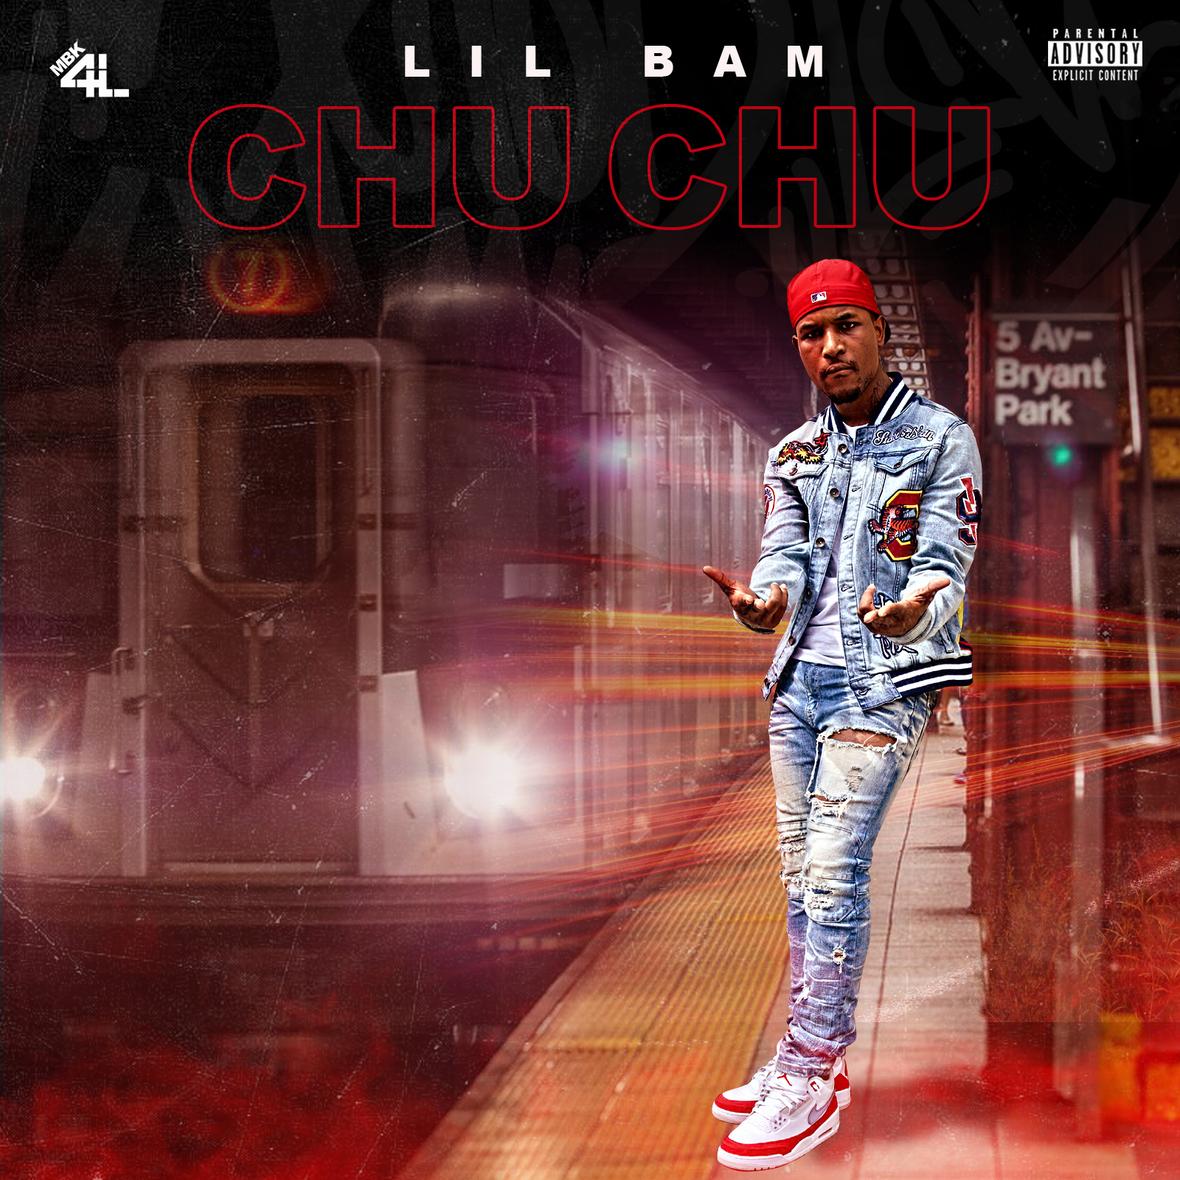 Lil Bam Chu Chu Front